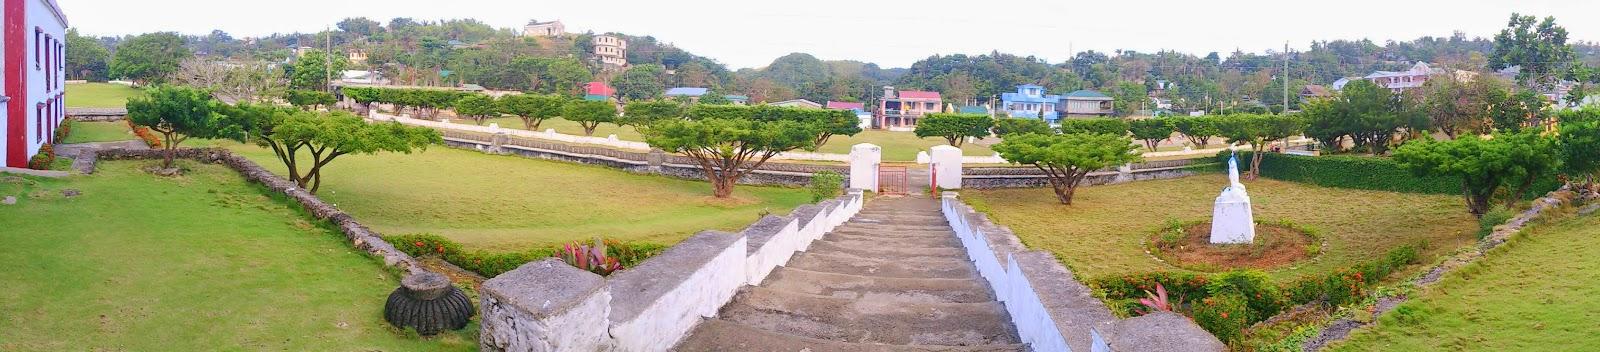 Itbayat Plaza